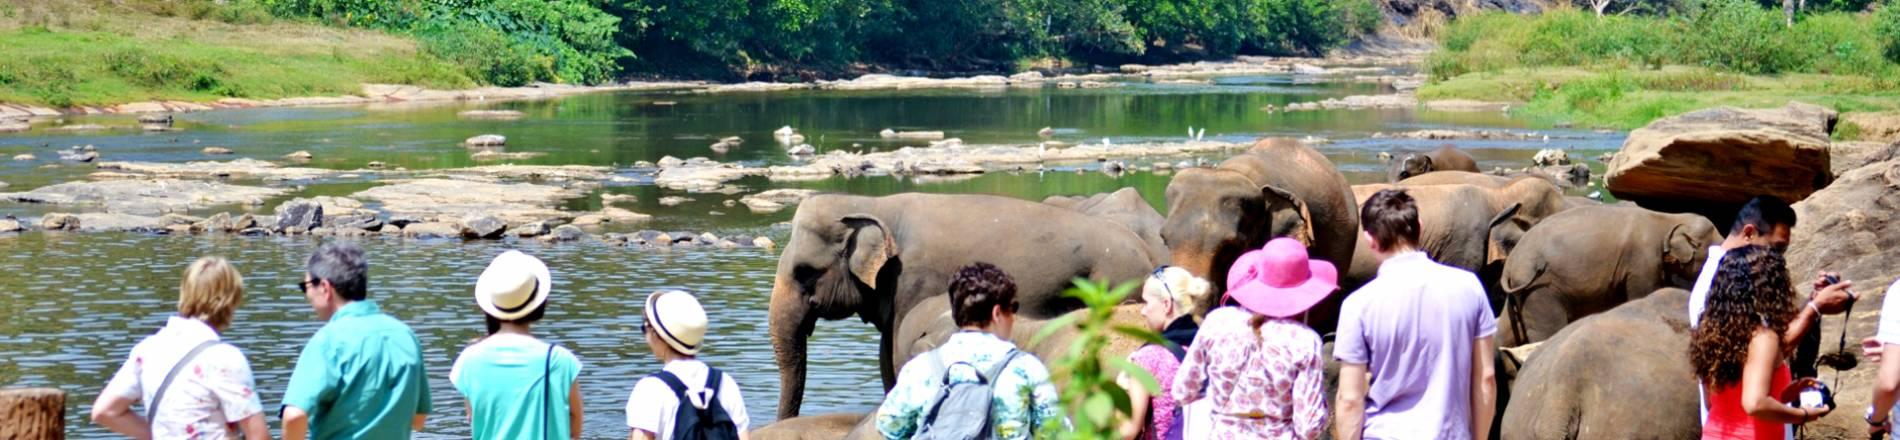 besplatna internetska mjesta za upoznavanje u Šri Lanki